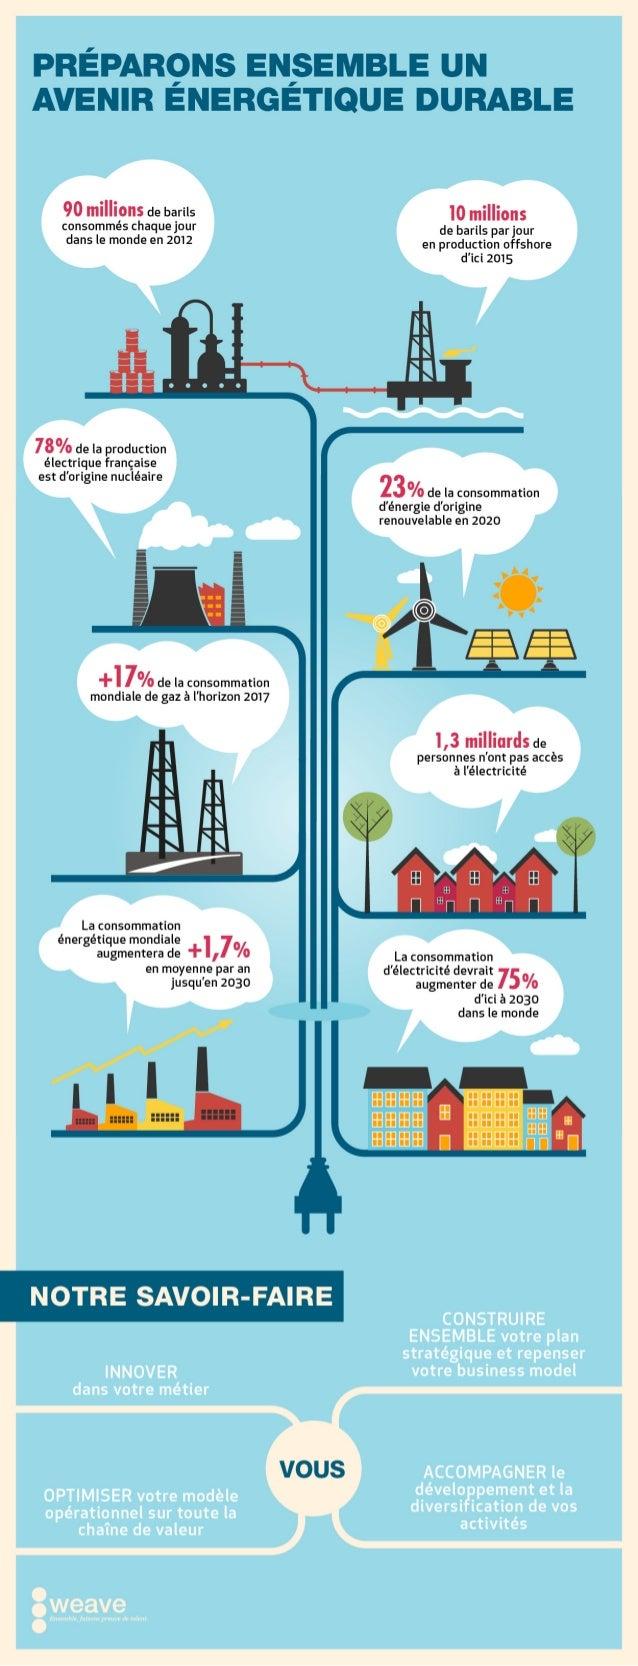 Préparons ensemble un avenir énergetique durable